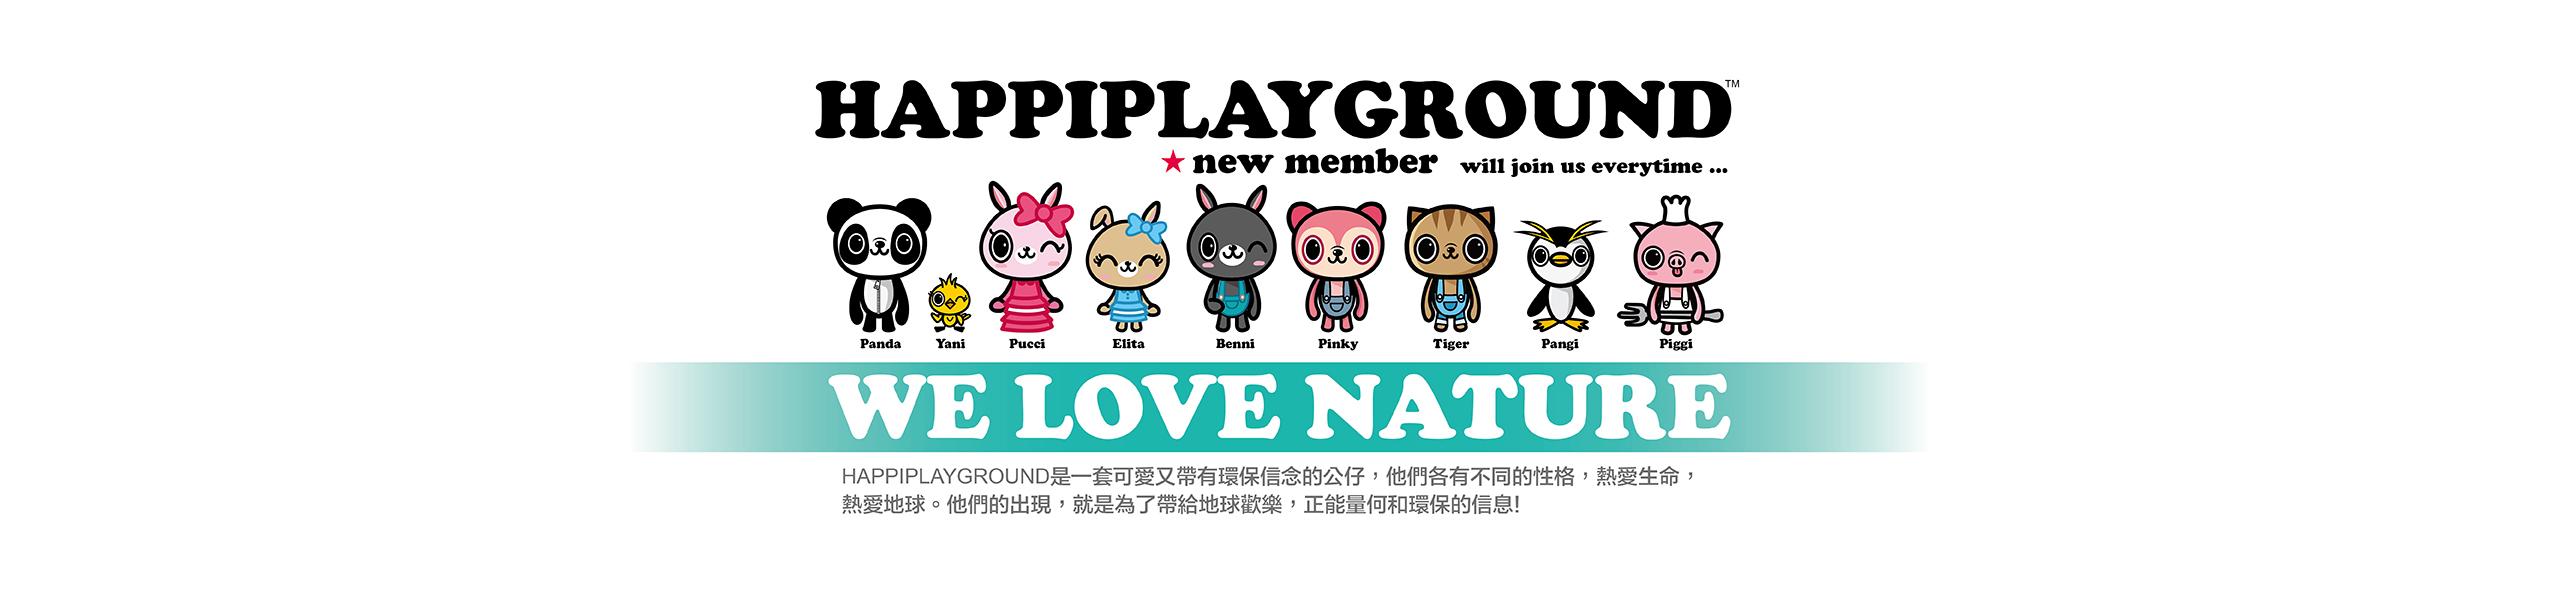 HPG website banner-05.jpg